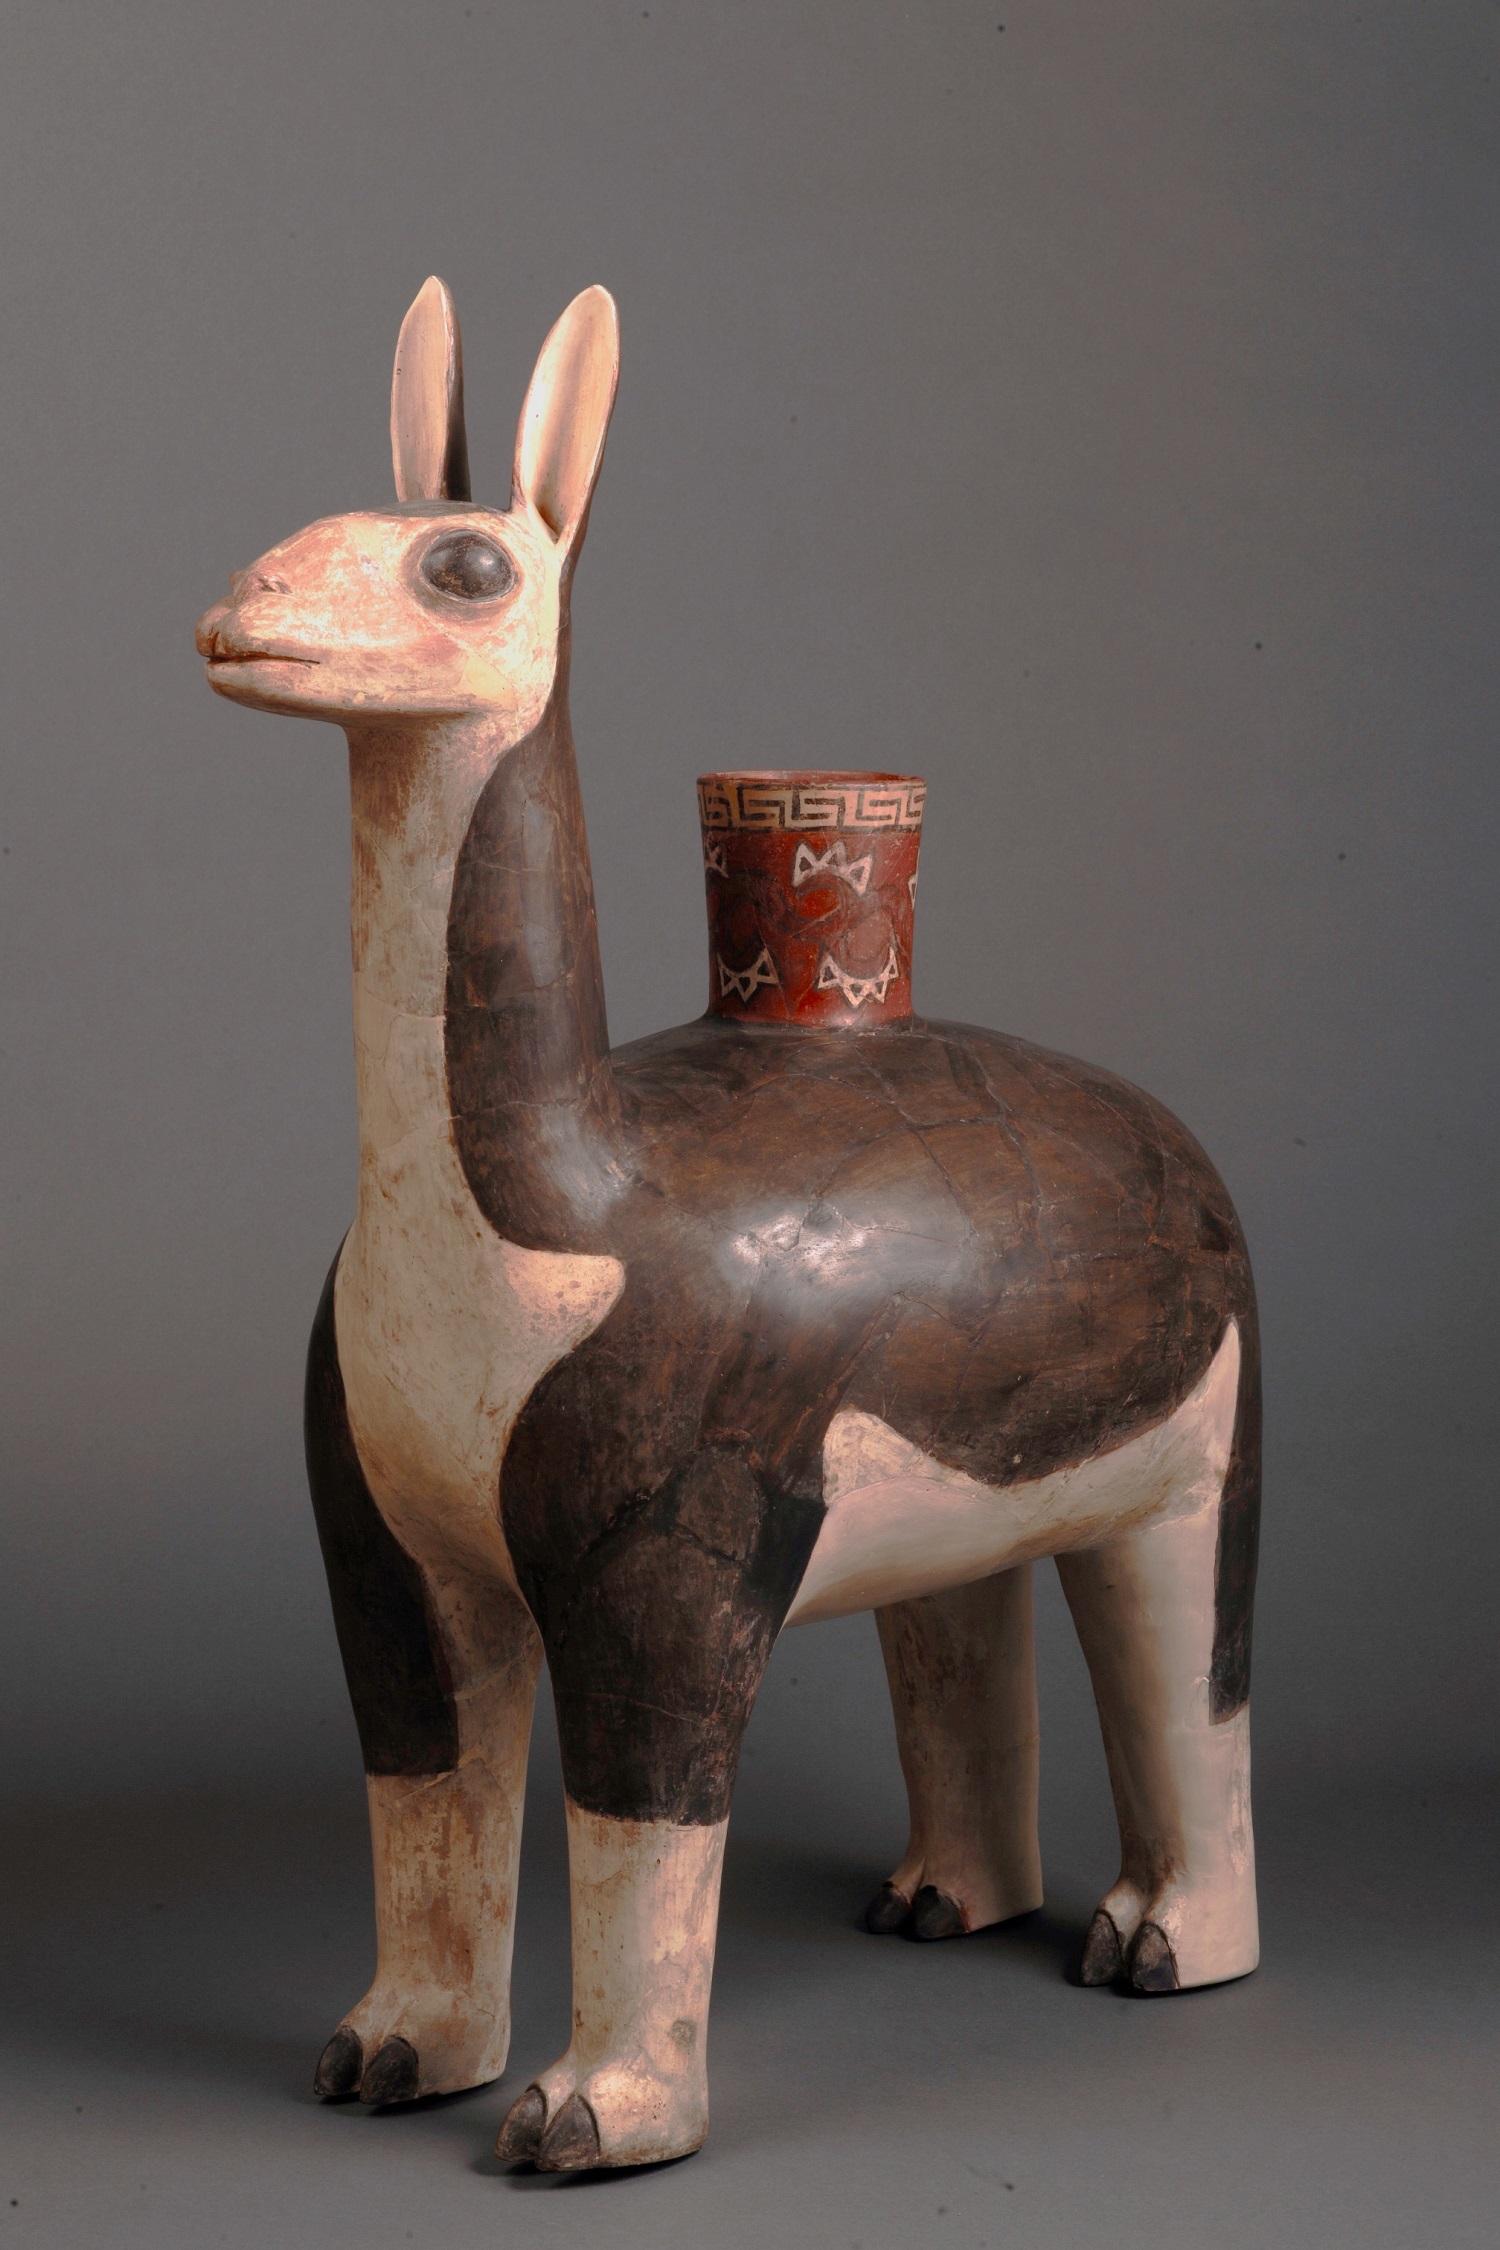 《リャマをかたどった土器》 ワリ文化(紀元650年頃から1000年頃) ペルー文化省・国立考古学人類学歴史学博物館所蔵